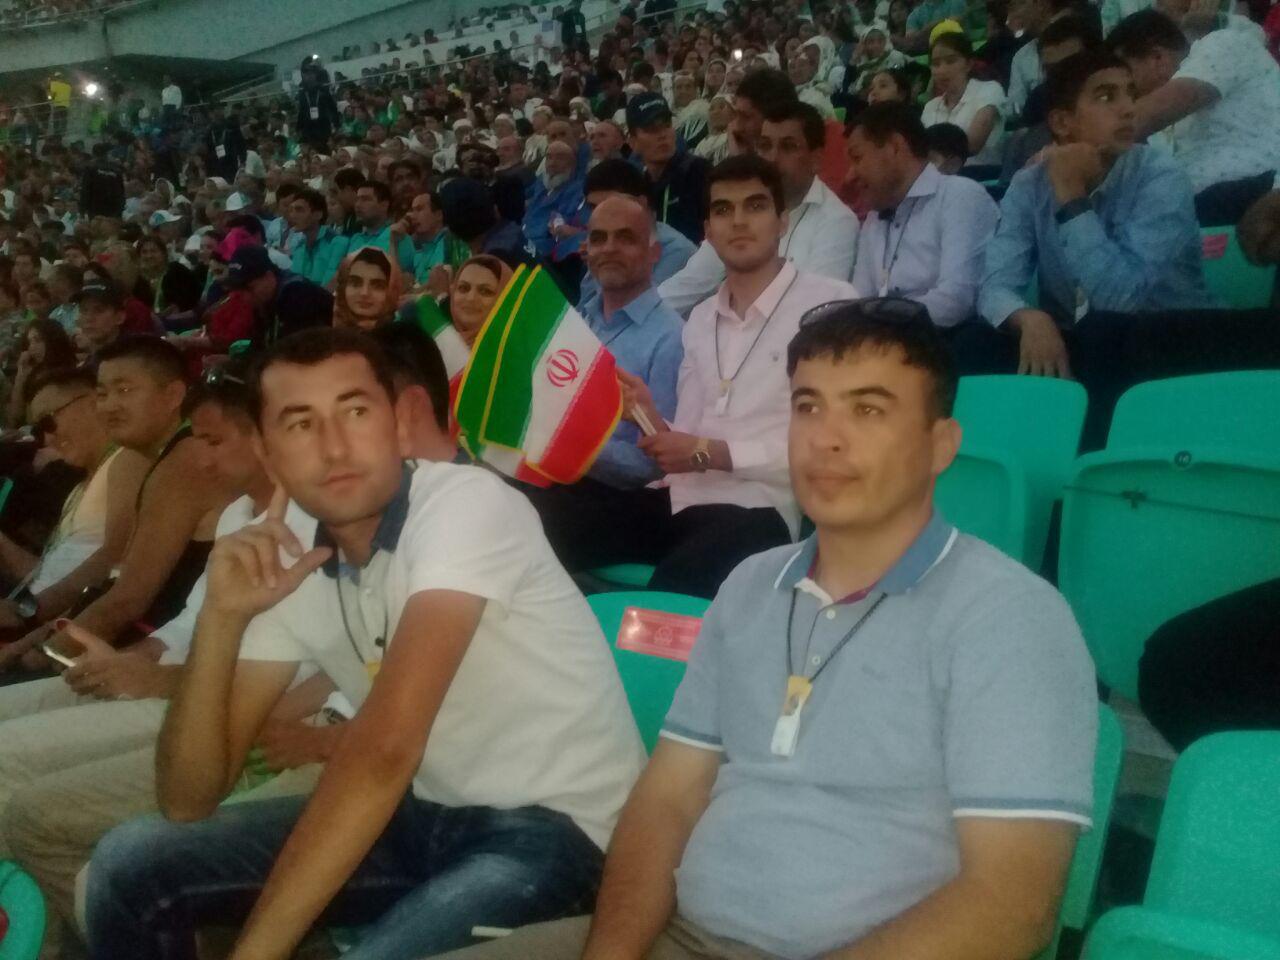 حاشیههای مراسم افتتاحیه مسابقات داخل سالن عشق آباد ۲۰۱۷ +تصاویر